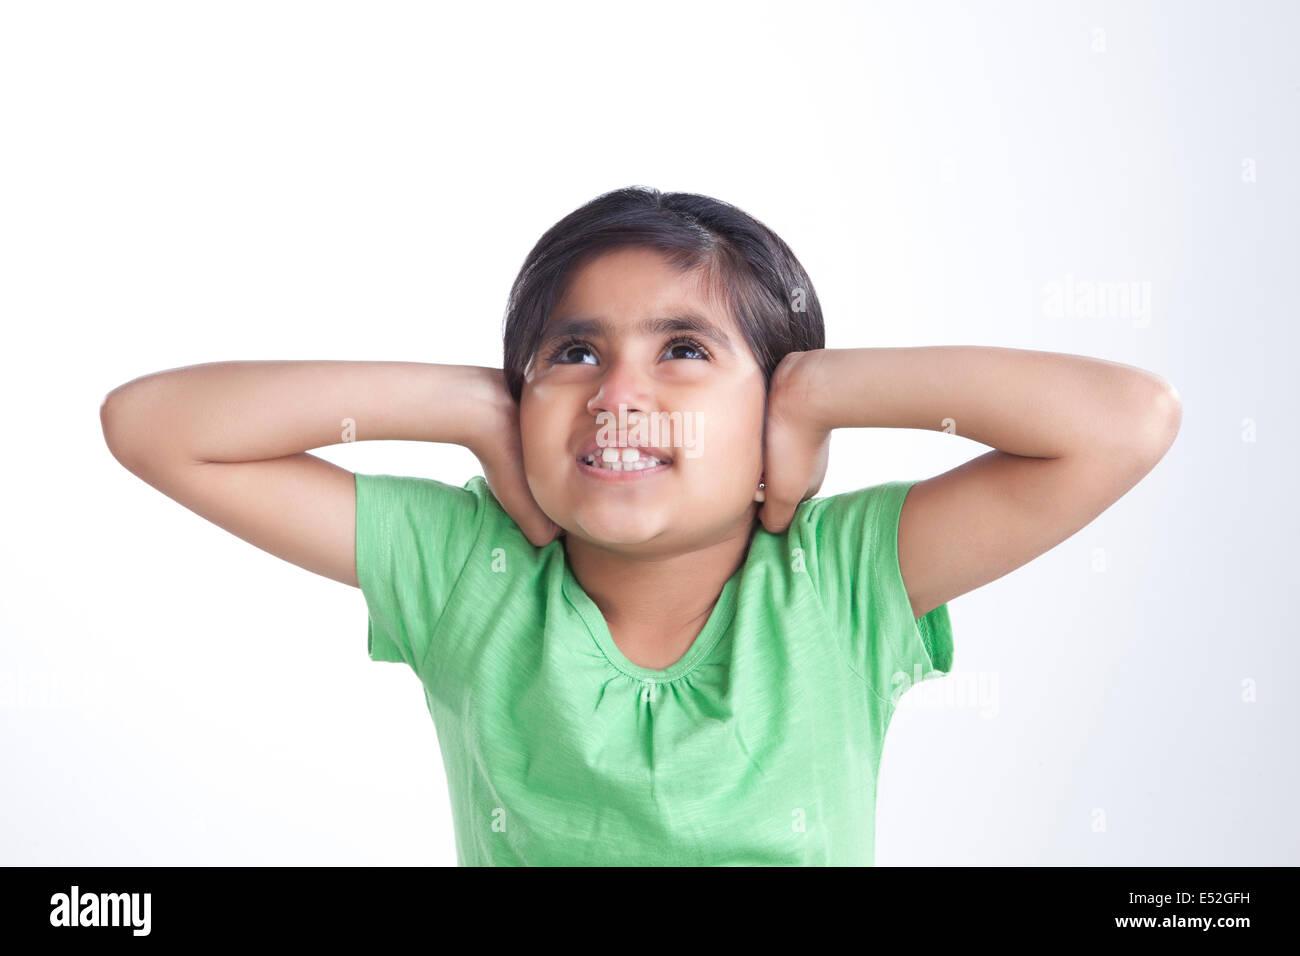 Little girl covering her ears - Stock Image